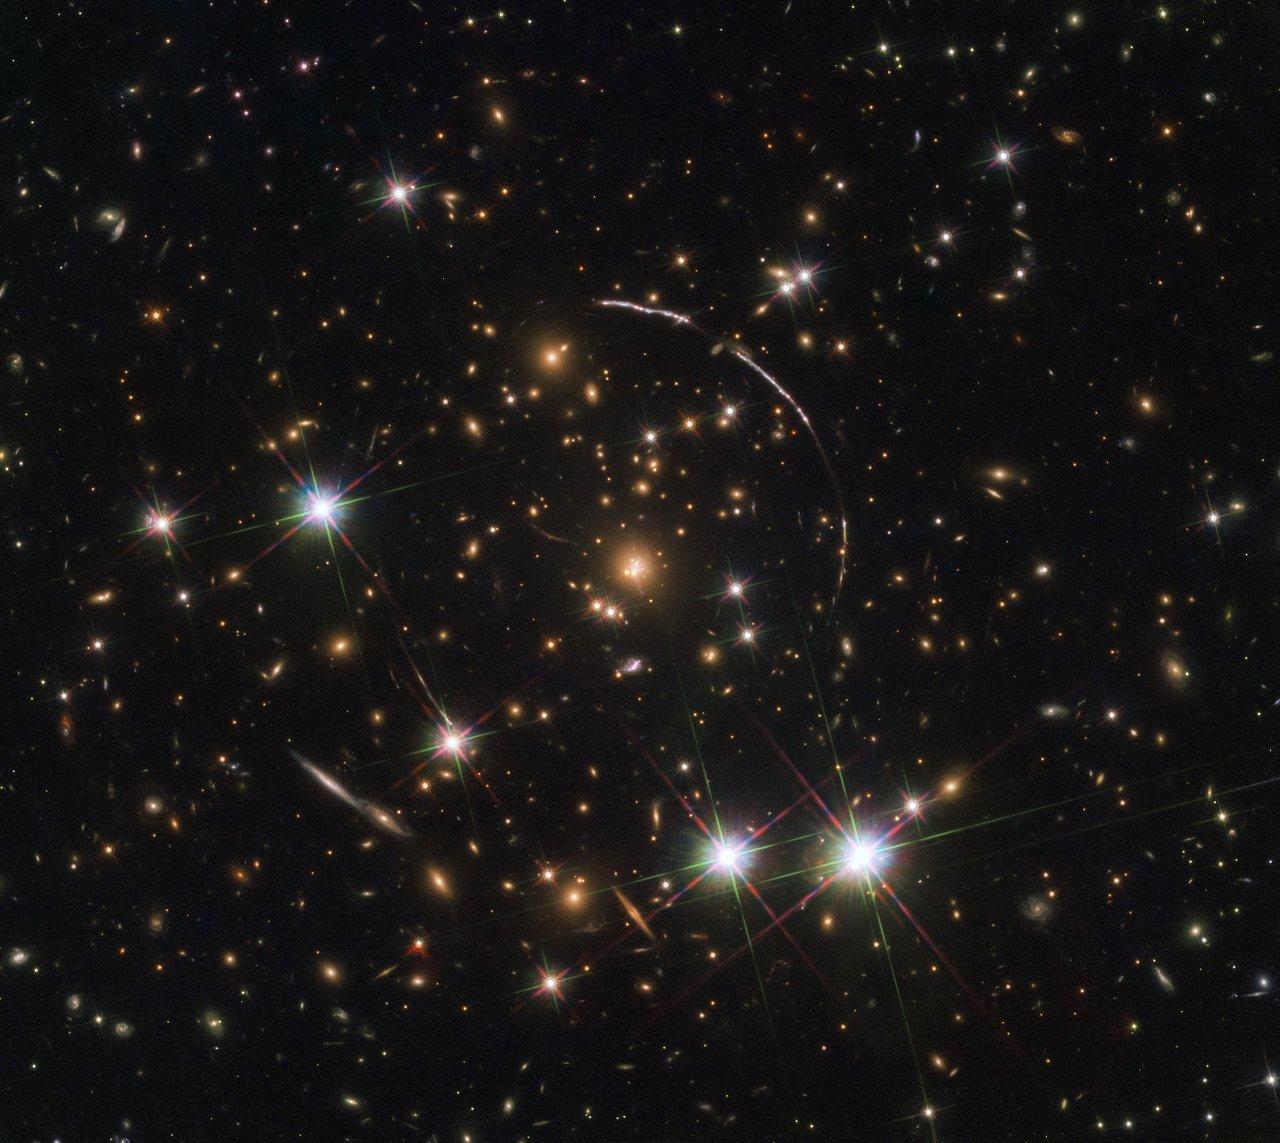 Hubble Captures a Dozen Sunburst Arc Doppelgangers